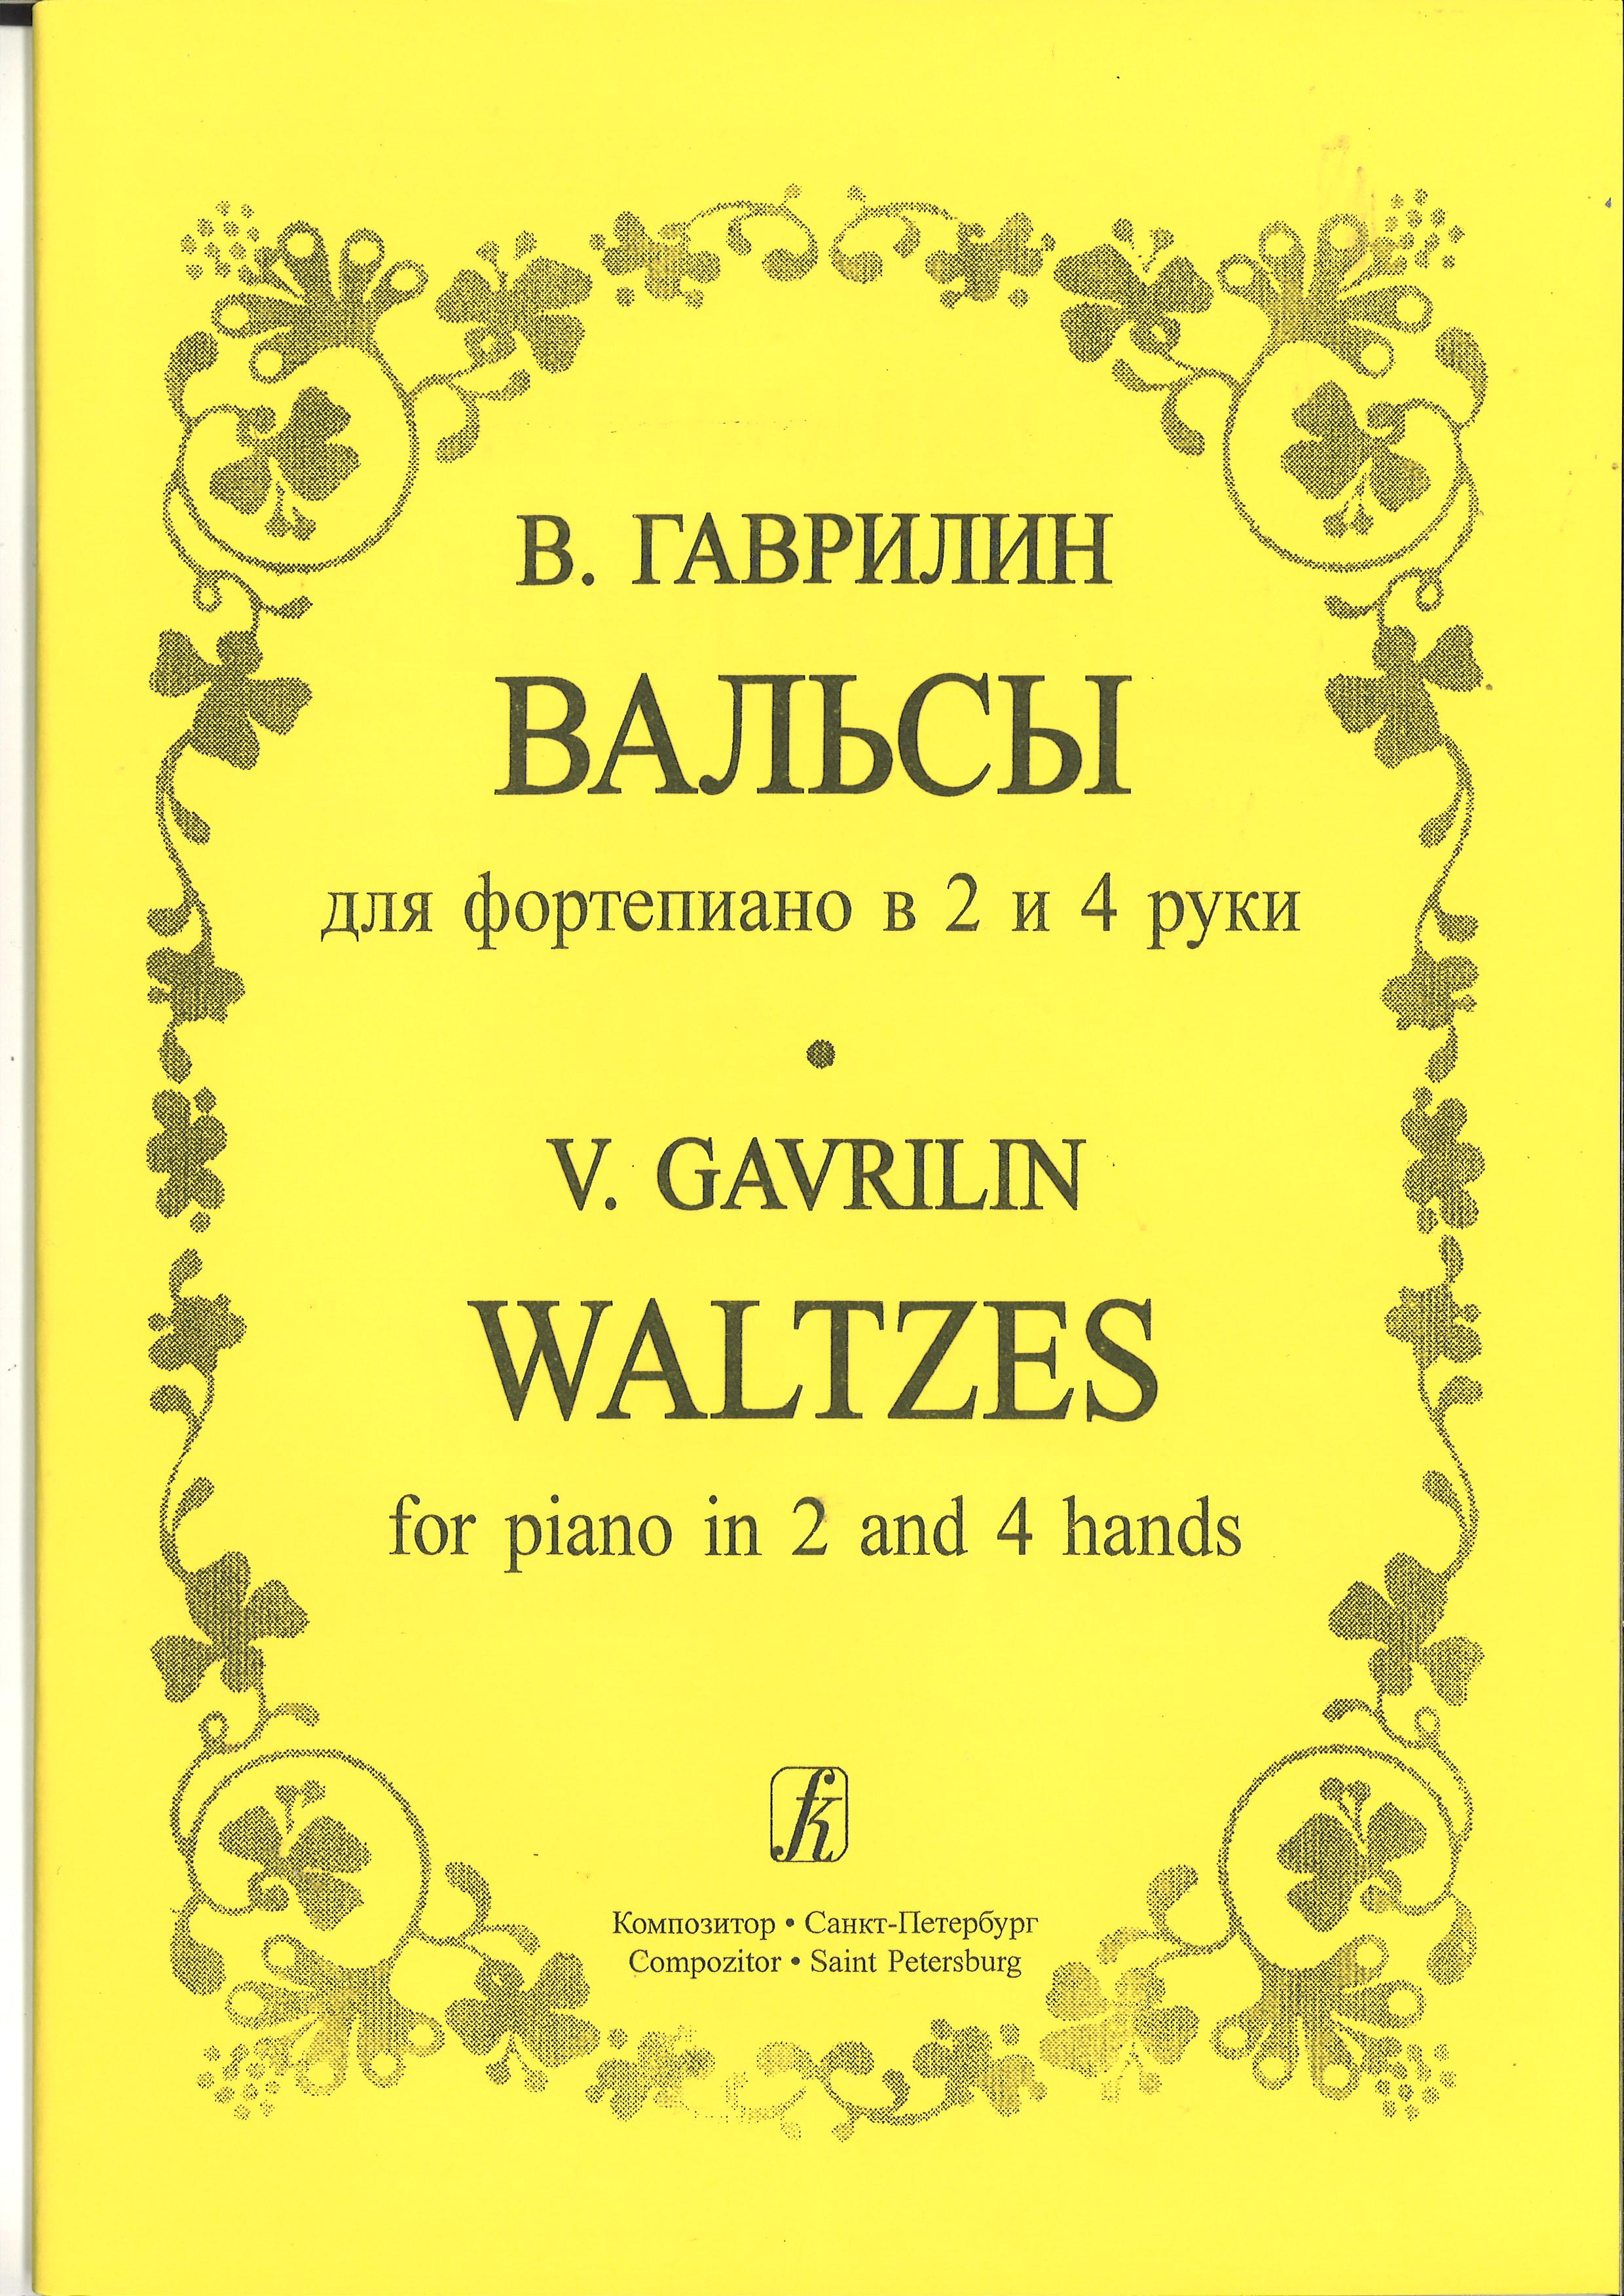 Вальсы для фортепиано в 2 и 4 руки